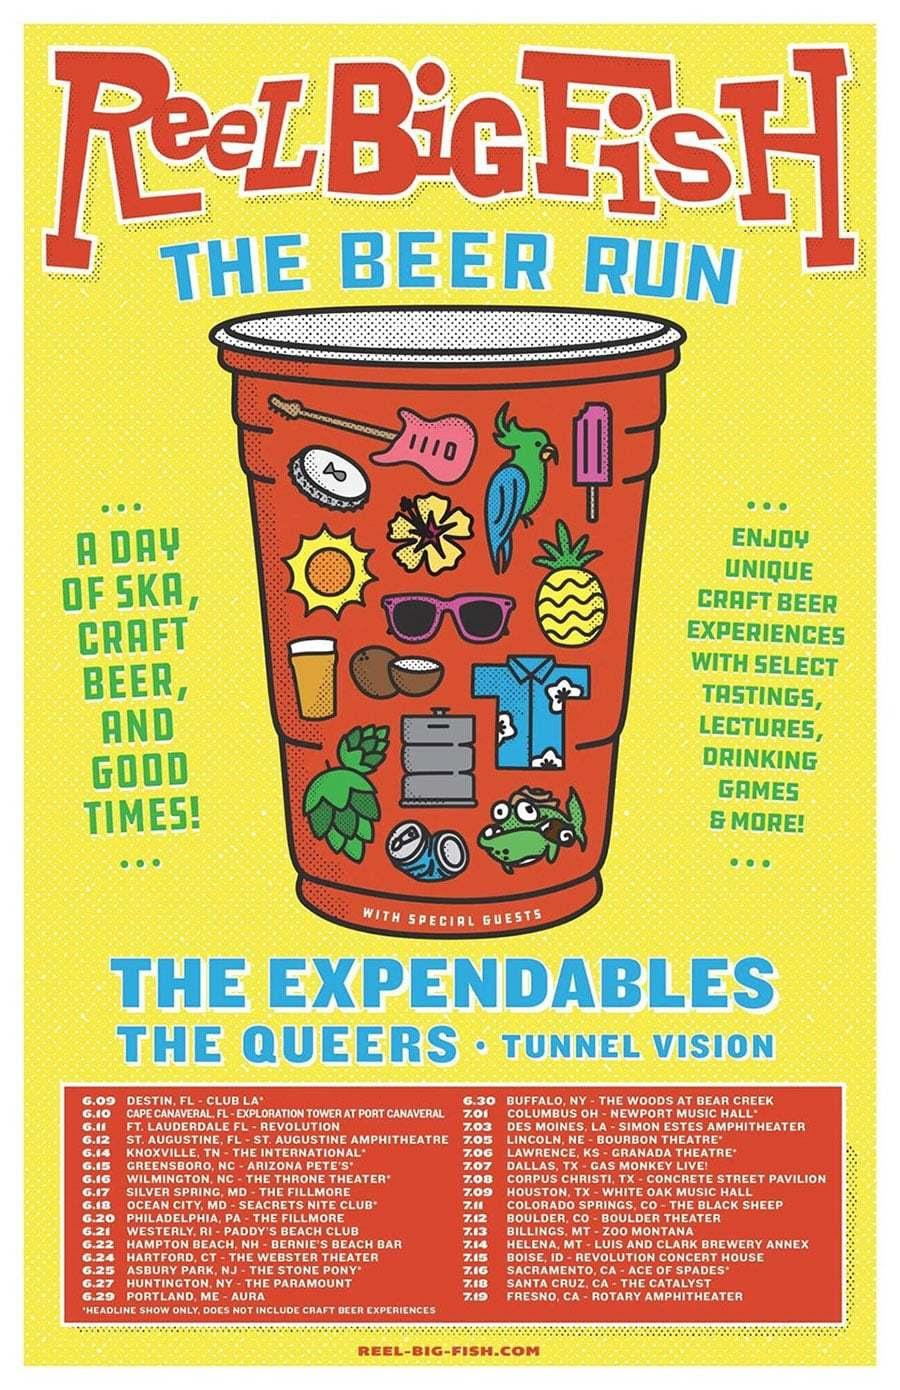 reel big fish beer run